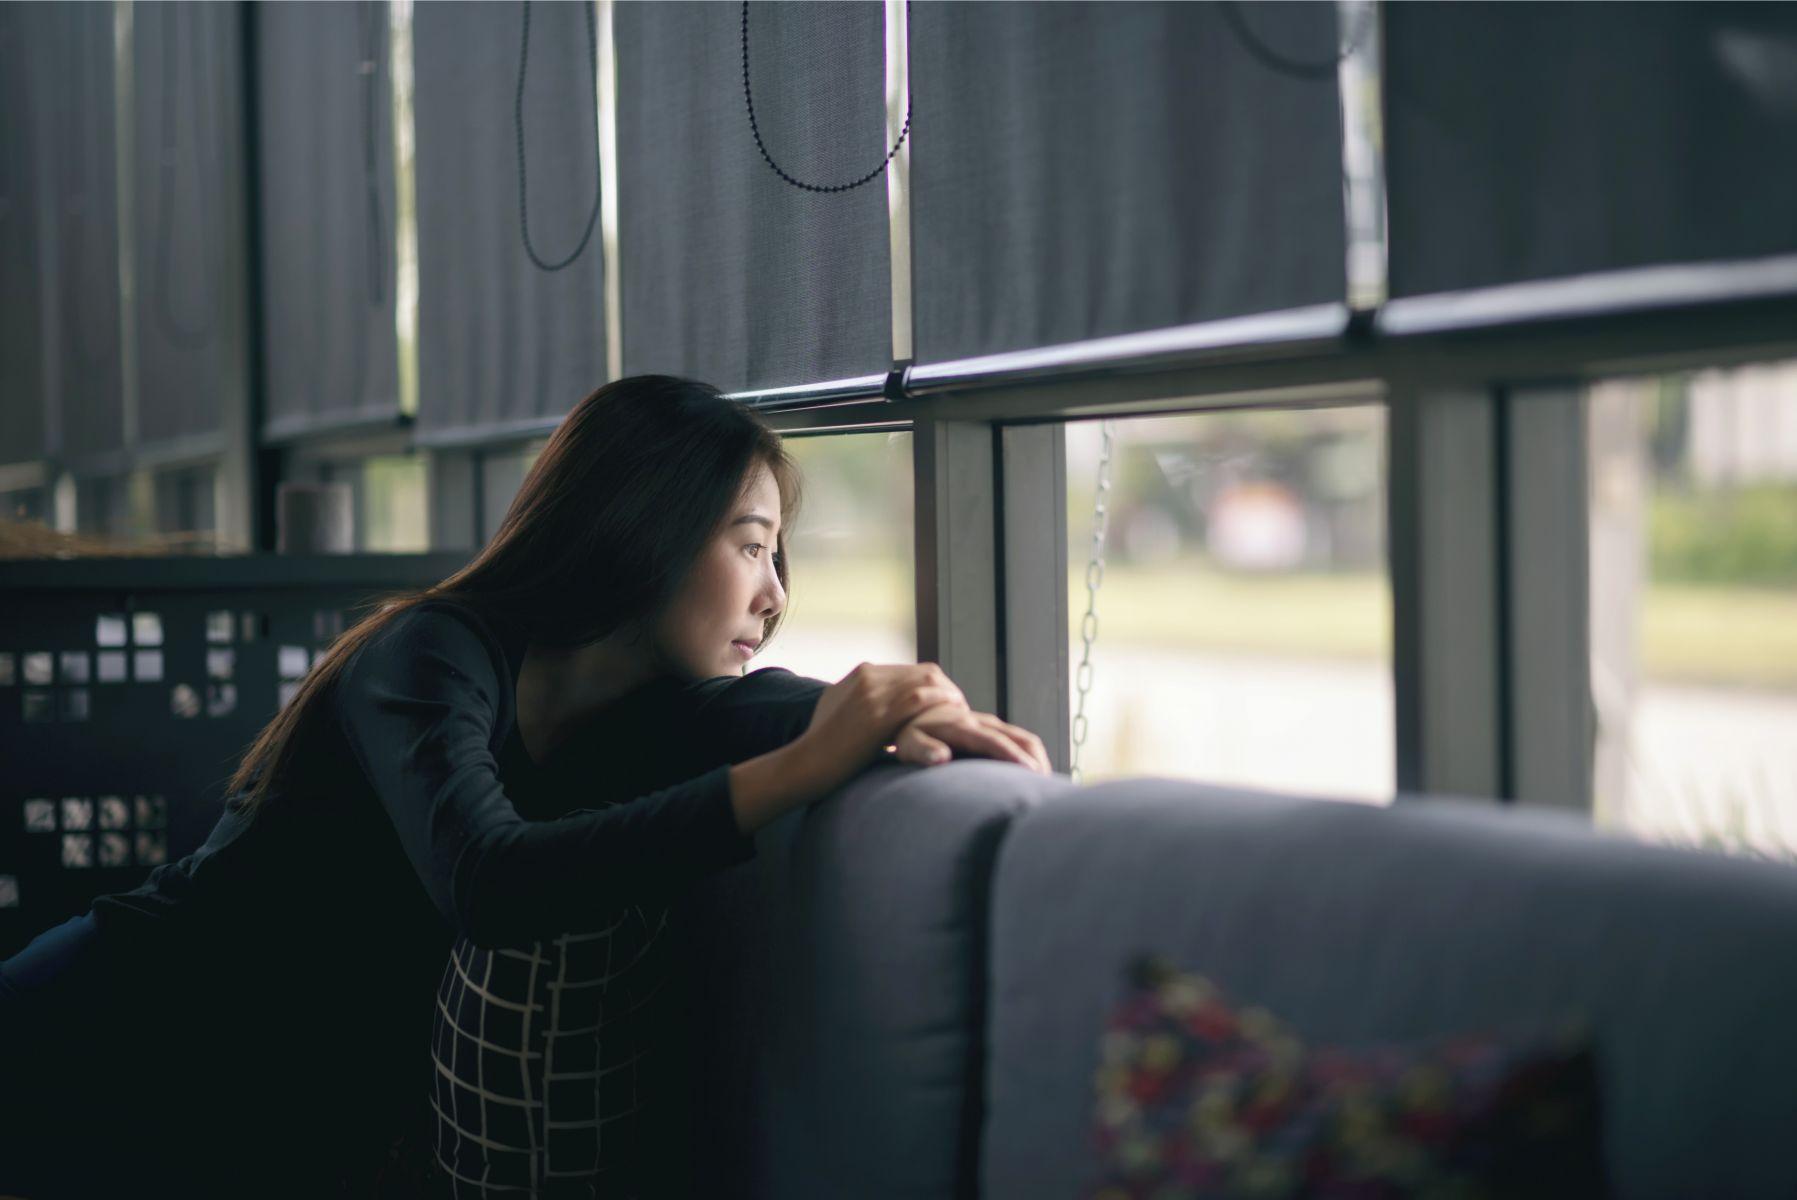 從嚎啕大哭到低聲啜泣...面對親人離世,醫學證實:哭泣流淚可以增強免疫力